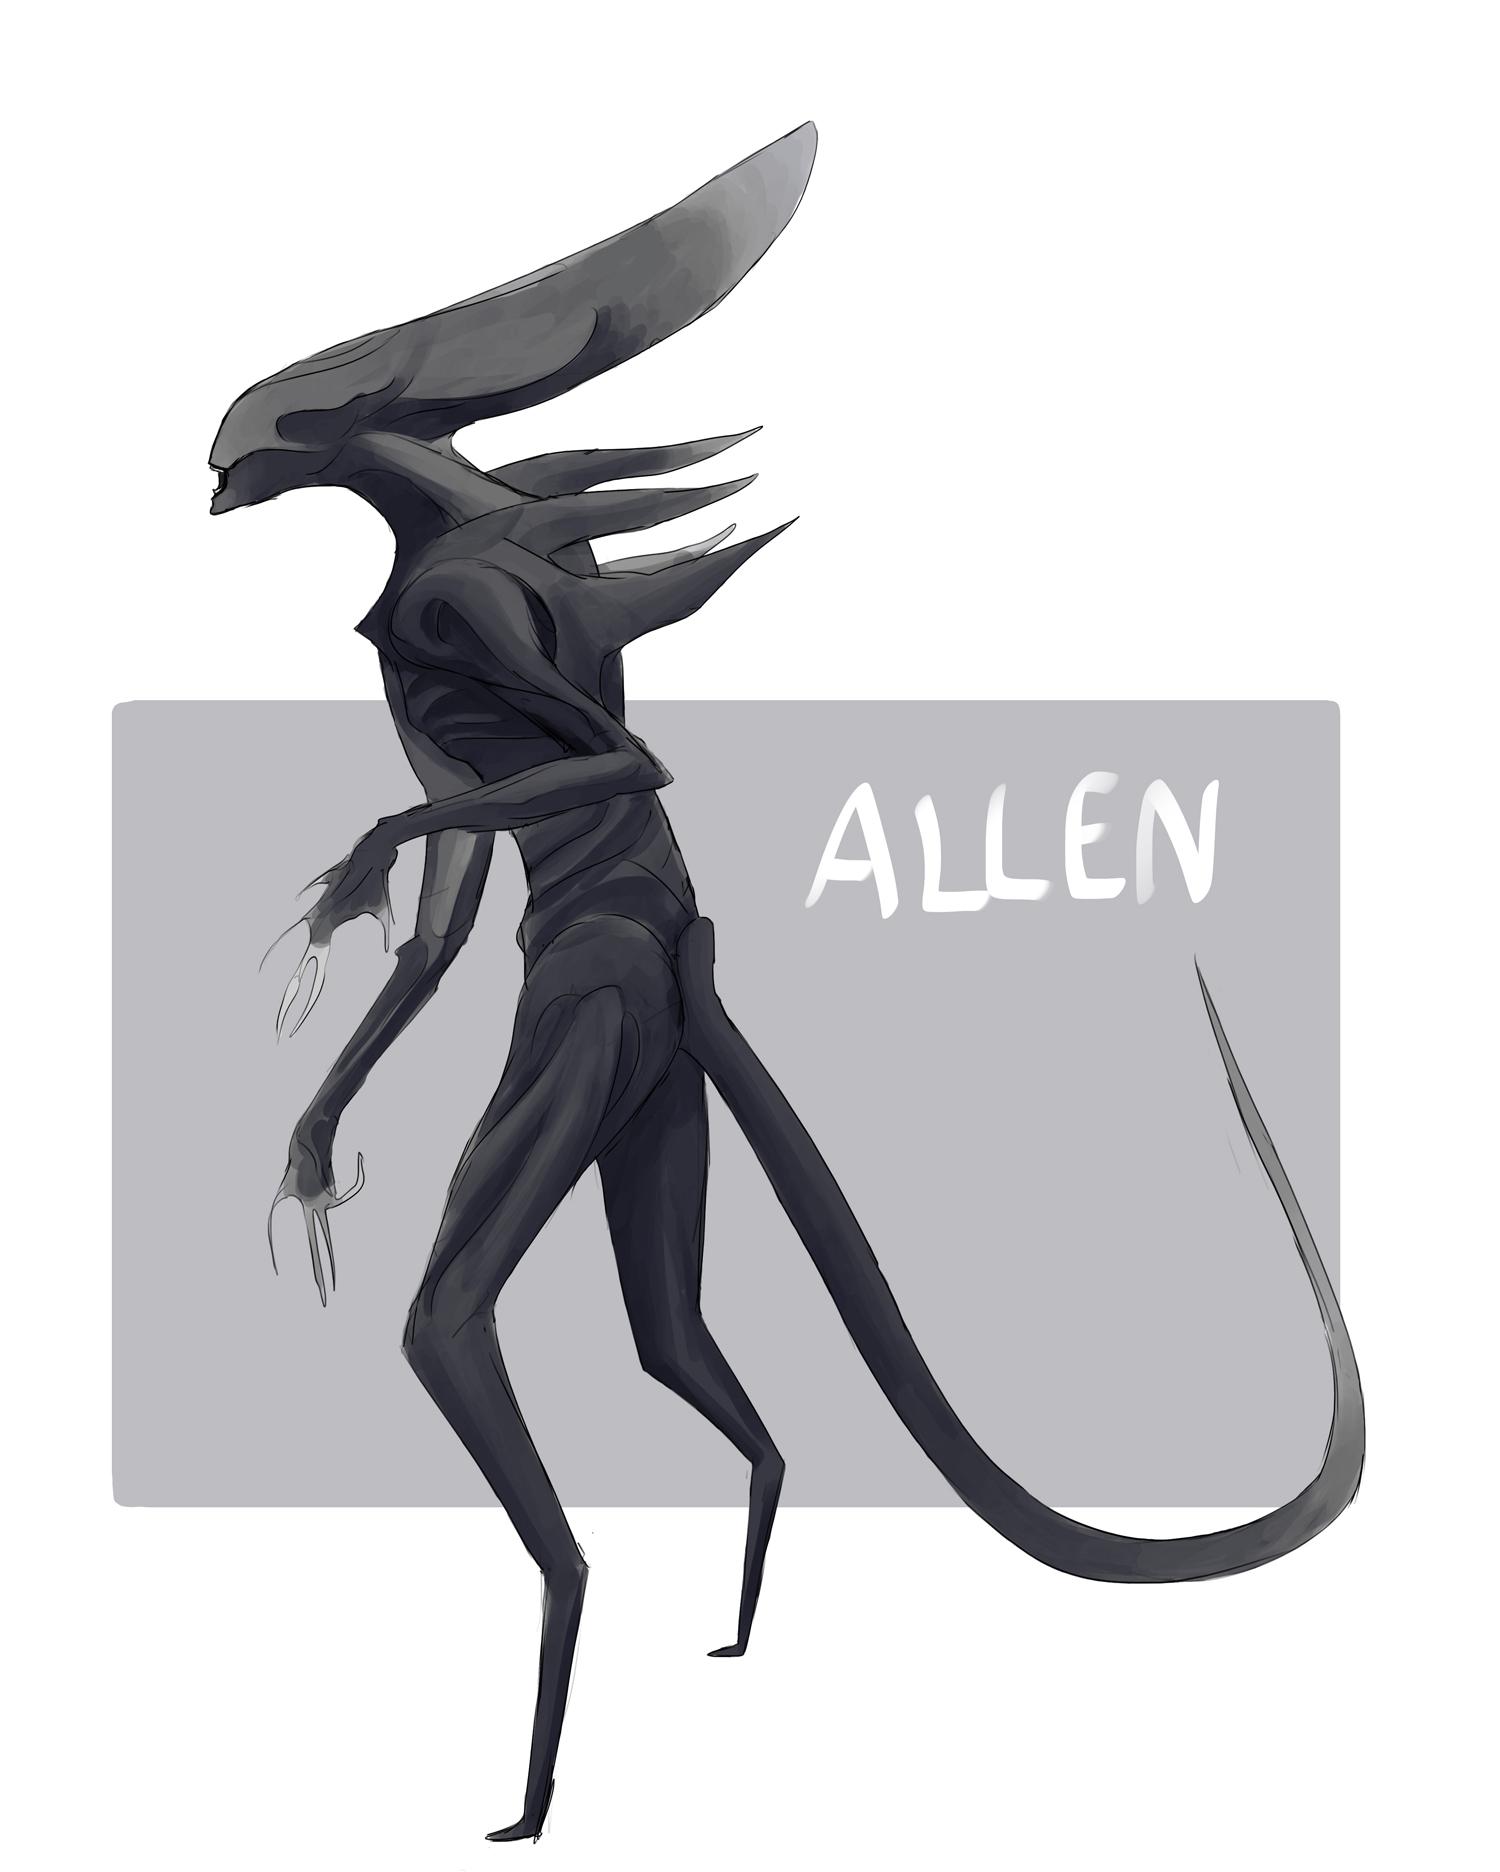 Allen from Alien